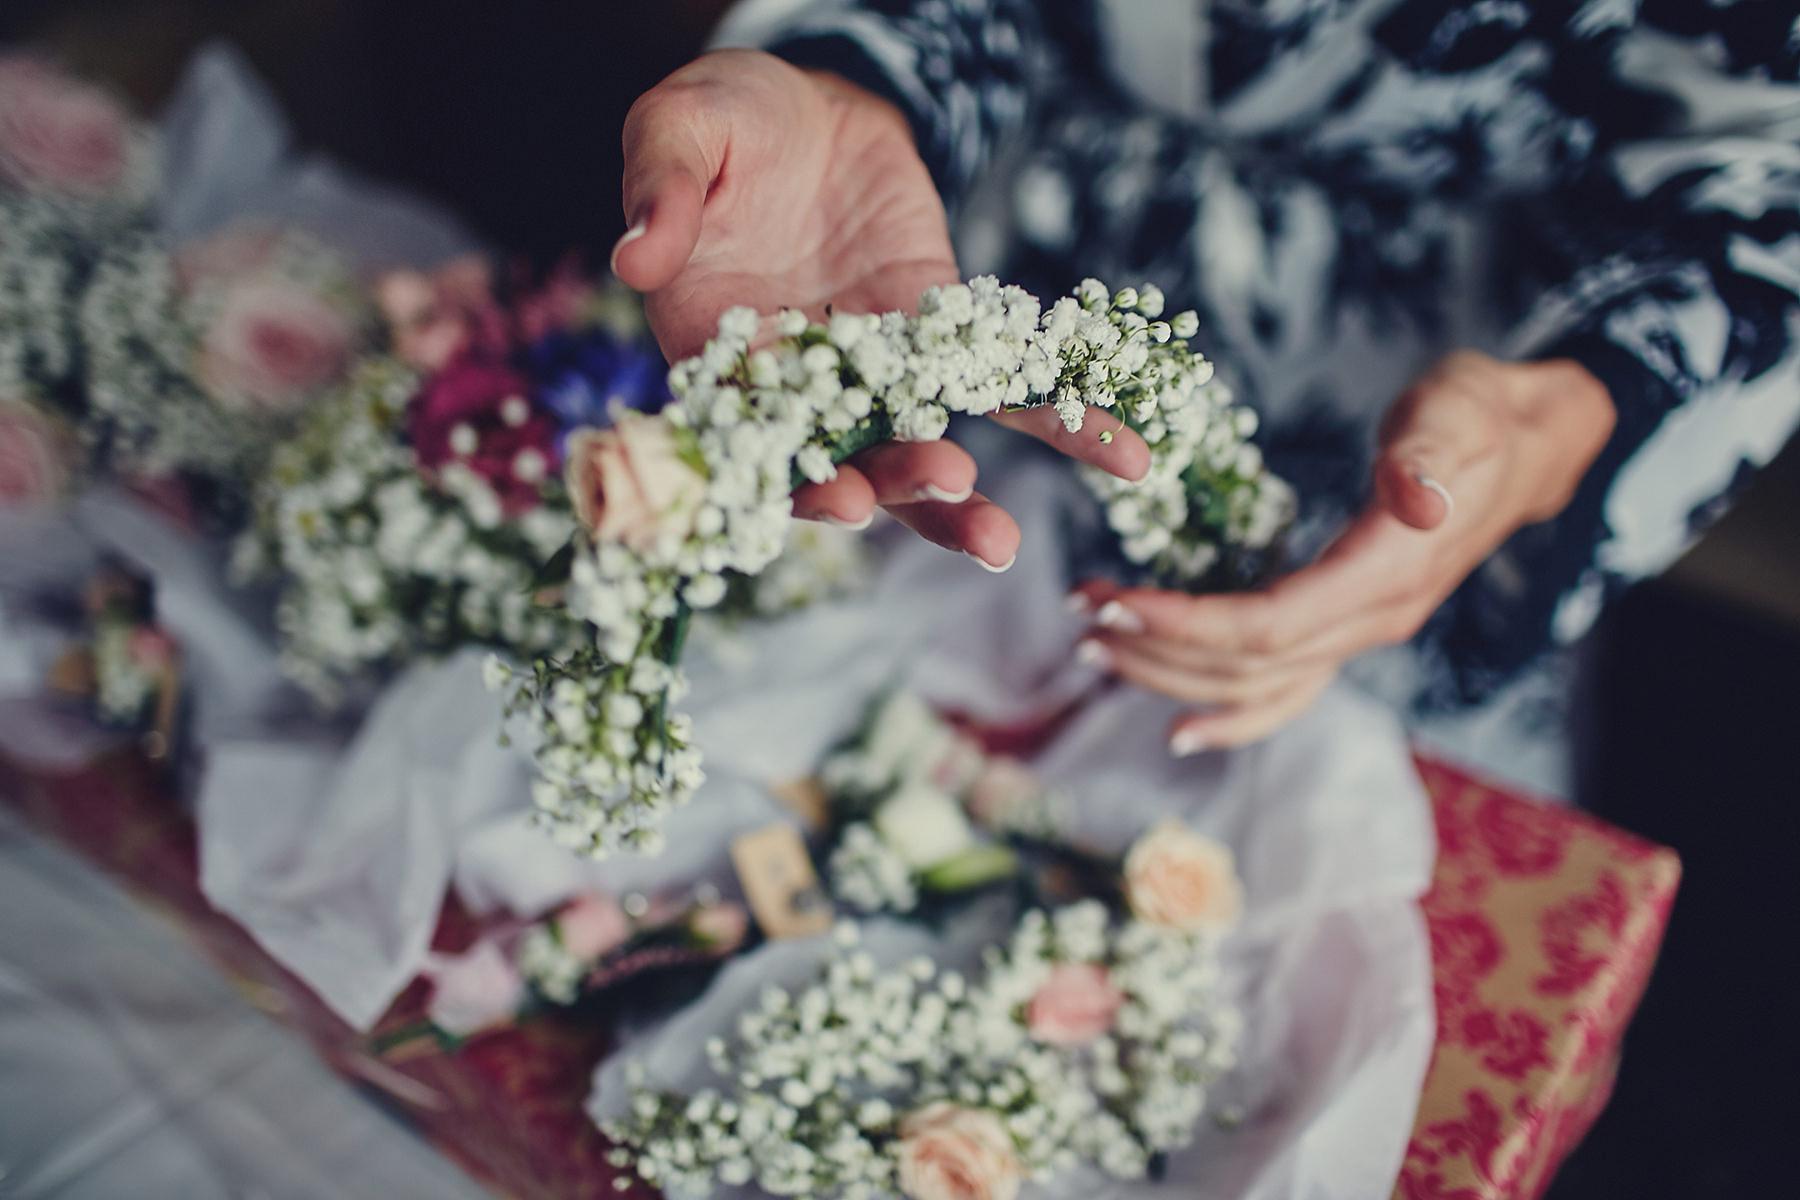 Keadeen Hotel Wedding Newbridge | Tara & Gearoid 3